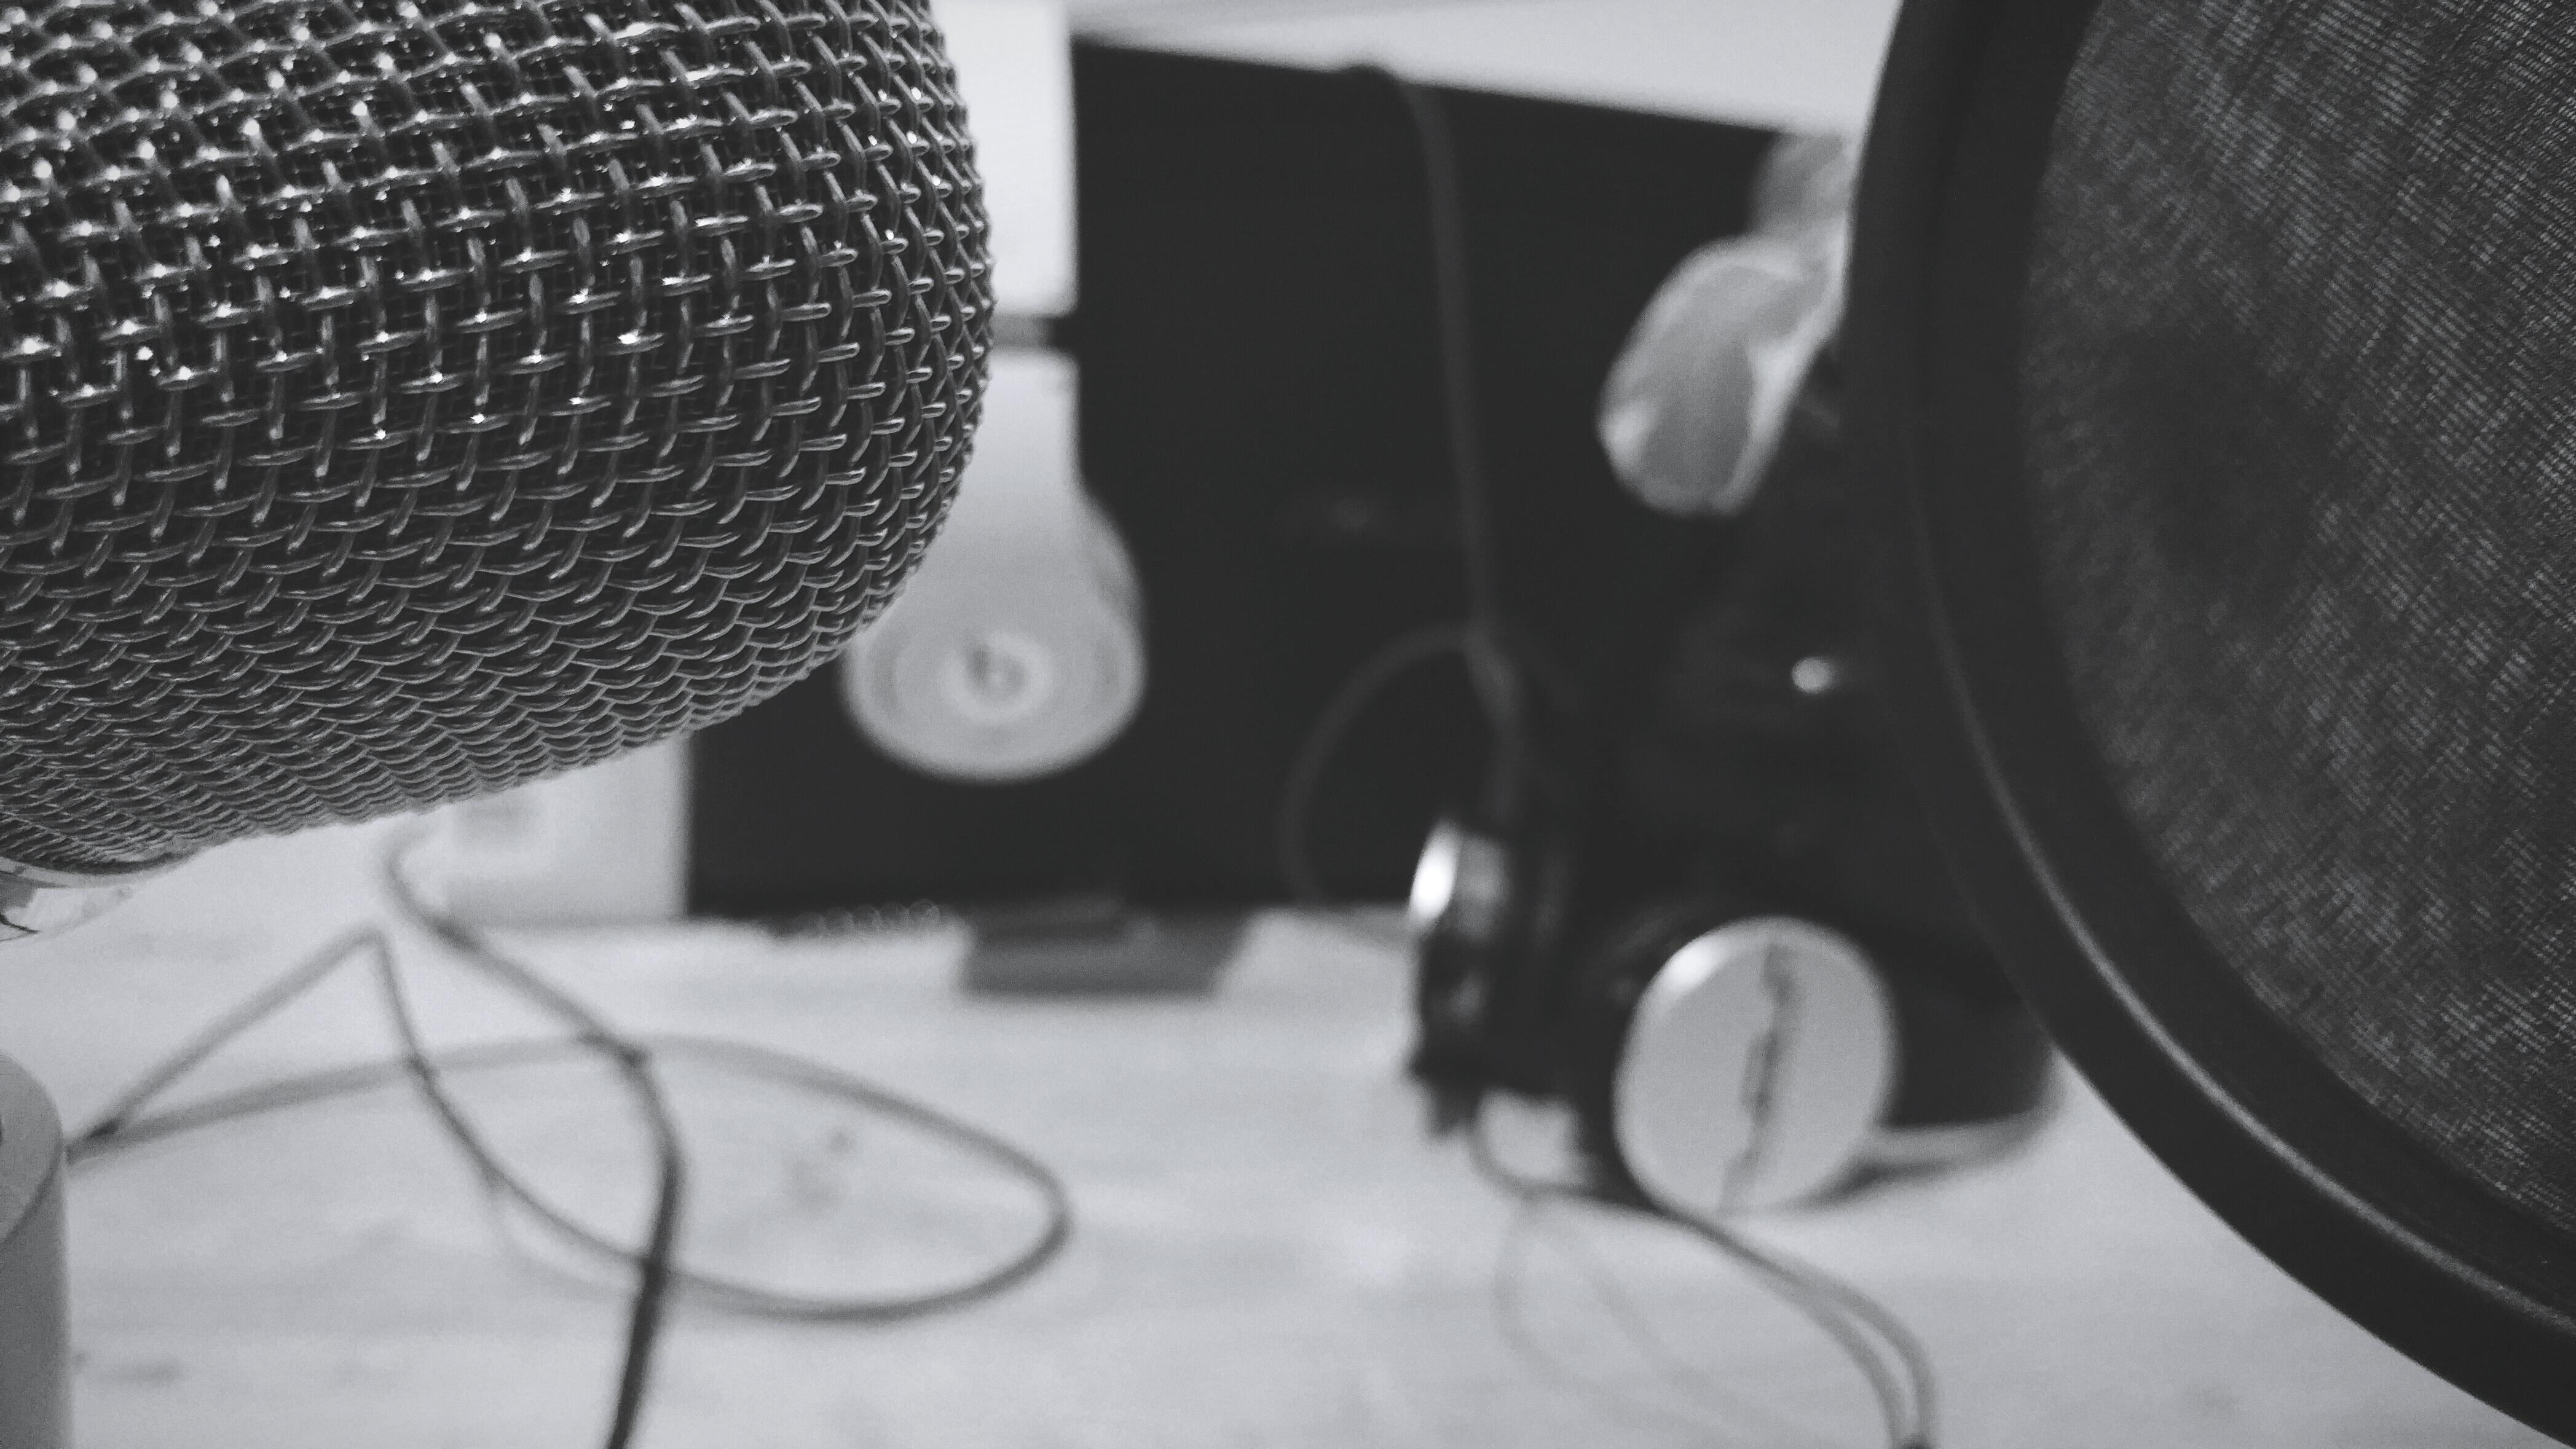 Microphone And Headphones In Studio